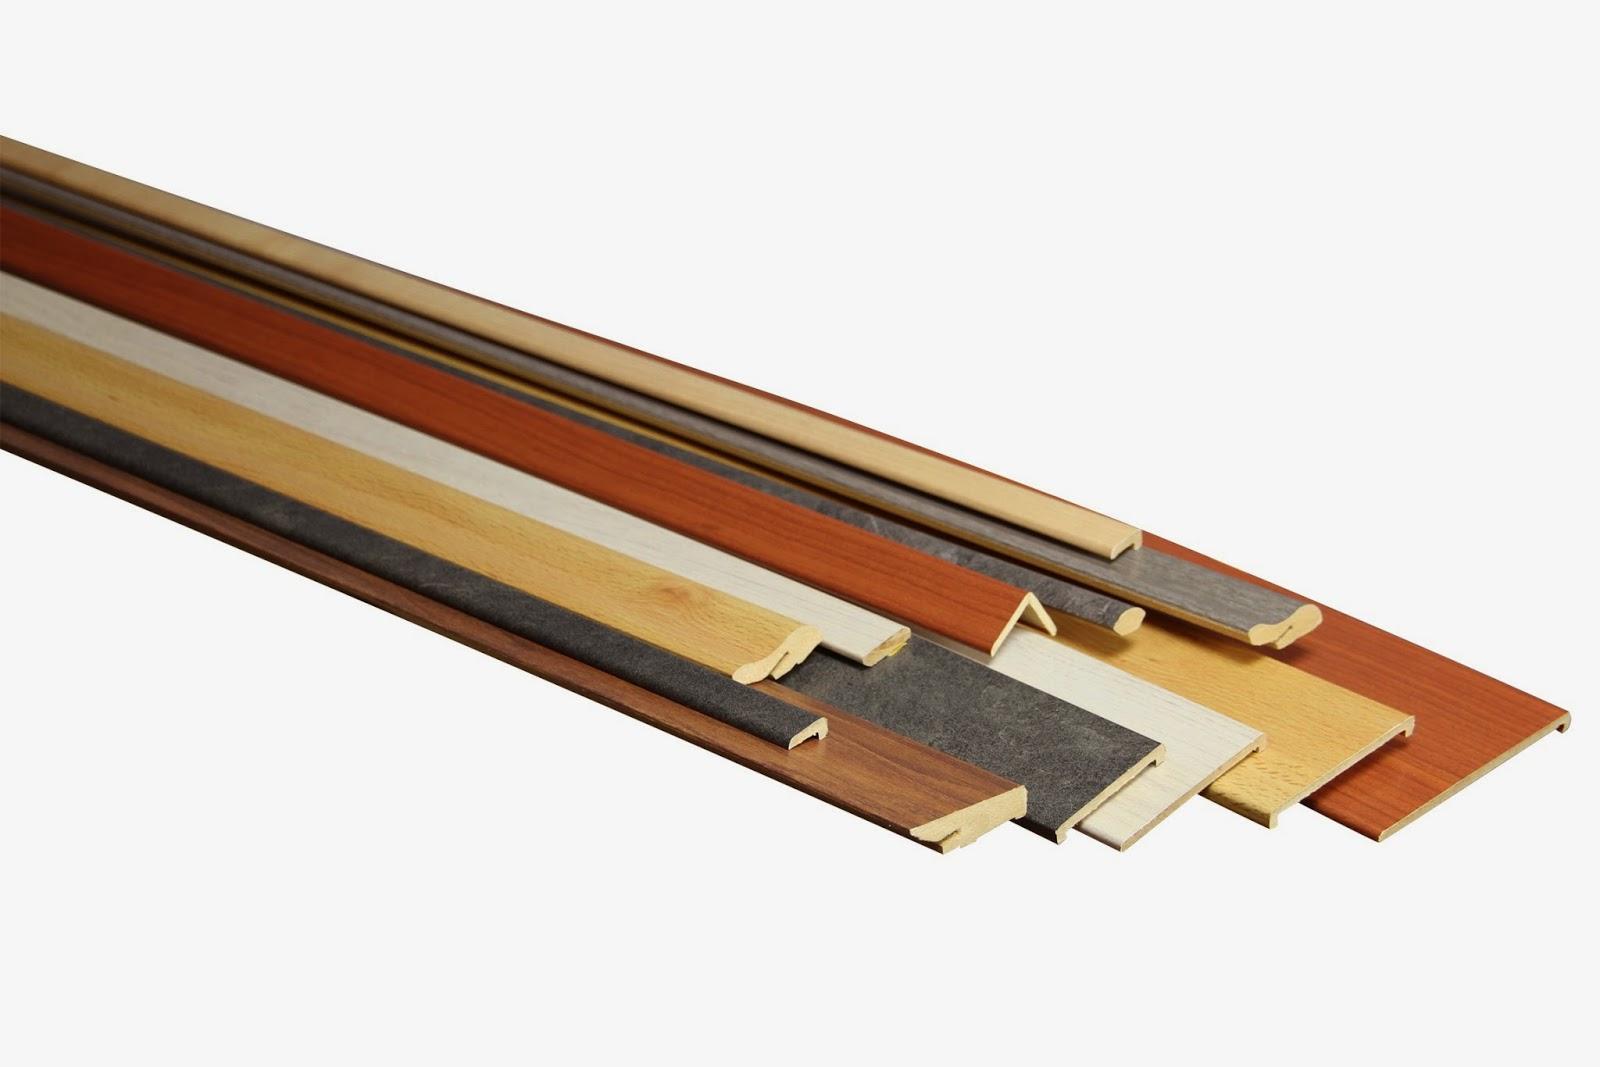 Treppenrenovierung selber machen - Leisten-Sortiment